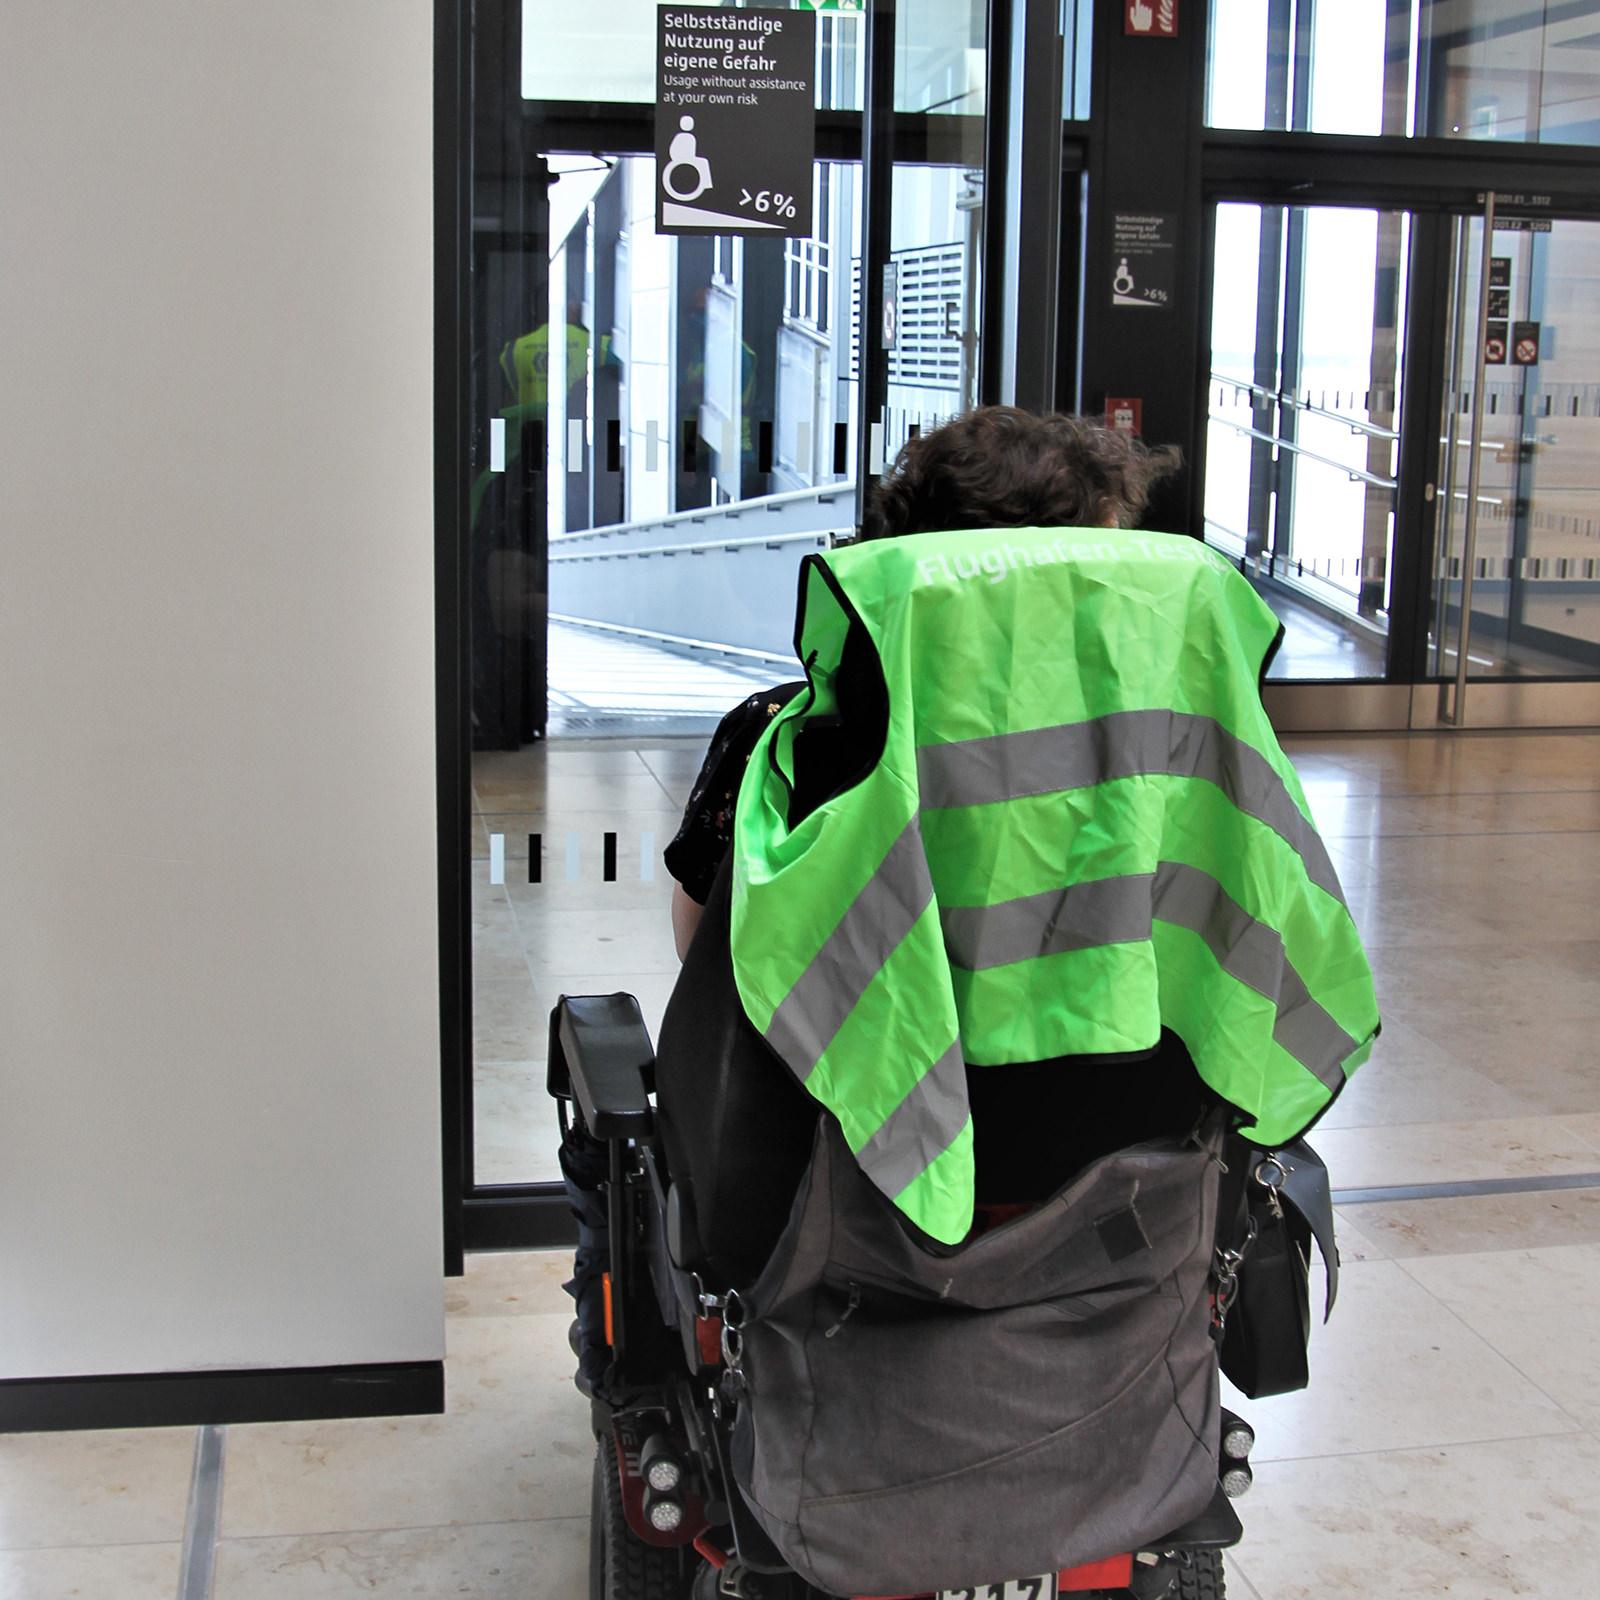 Rollstuhlfahrer zögern bei einer Rampenneigung von sechs Prozent, hinunter geht es zu schnell und hinauf ist es viel zu anstrengend. (Foto: Heidi Diehl)